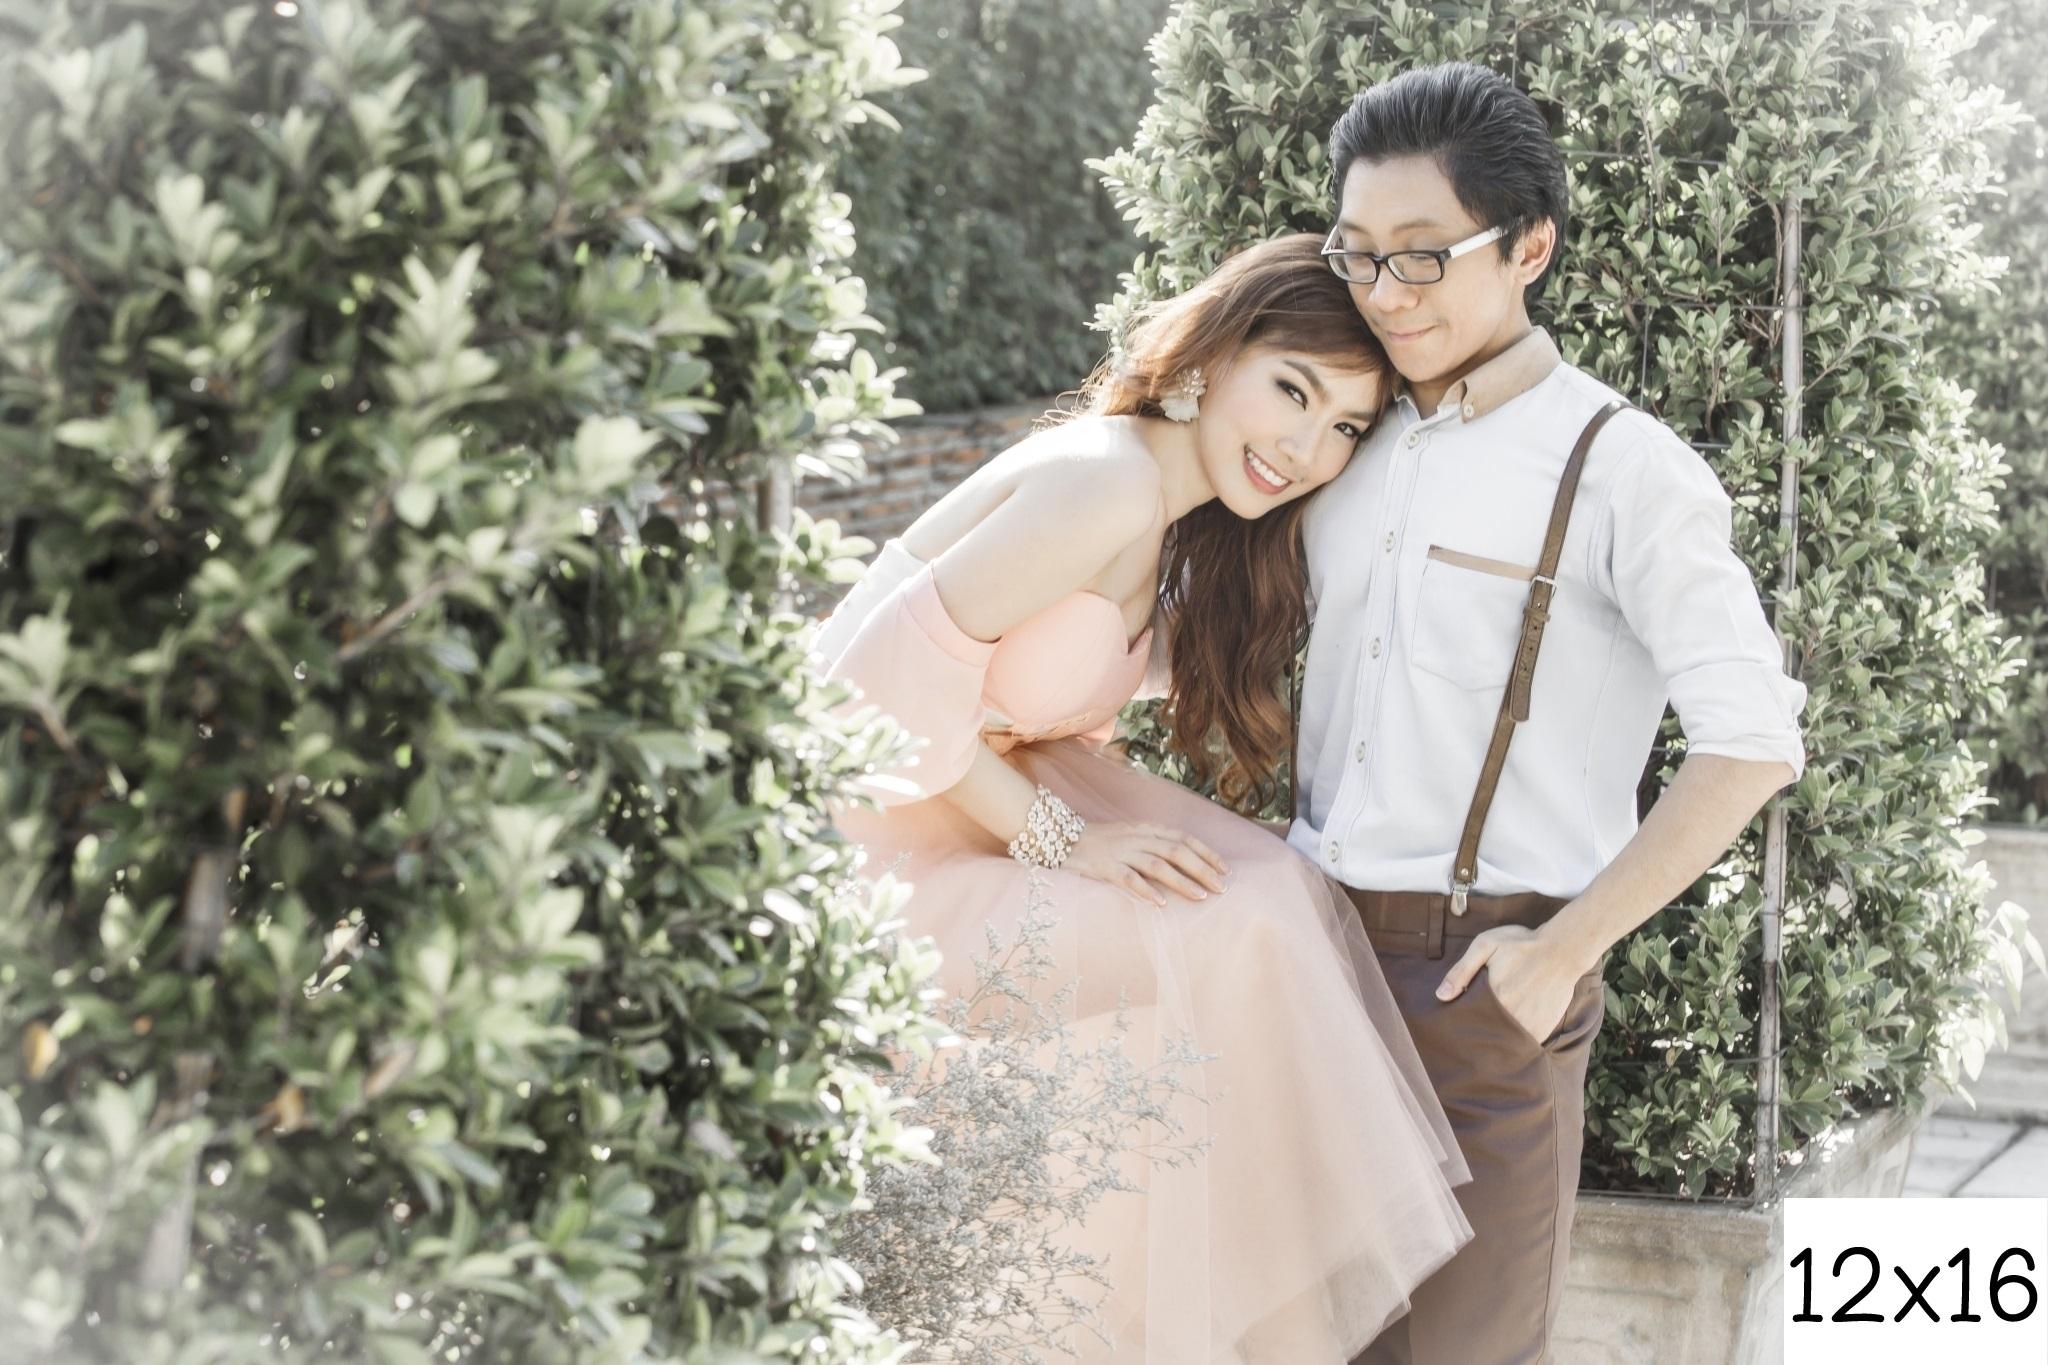 รูปแต่งงาน อัดรูปออนไลน์ ล้างรูปราคาถูก ขนาดอัดรูป 12x16